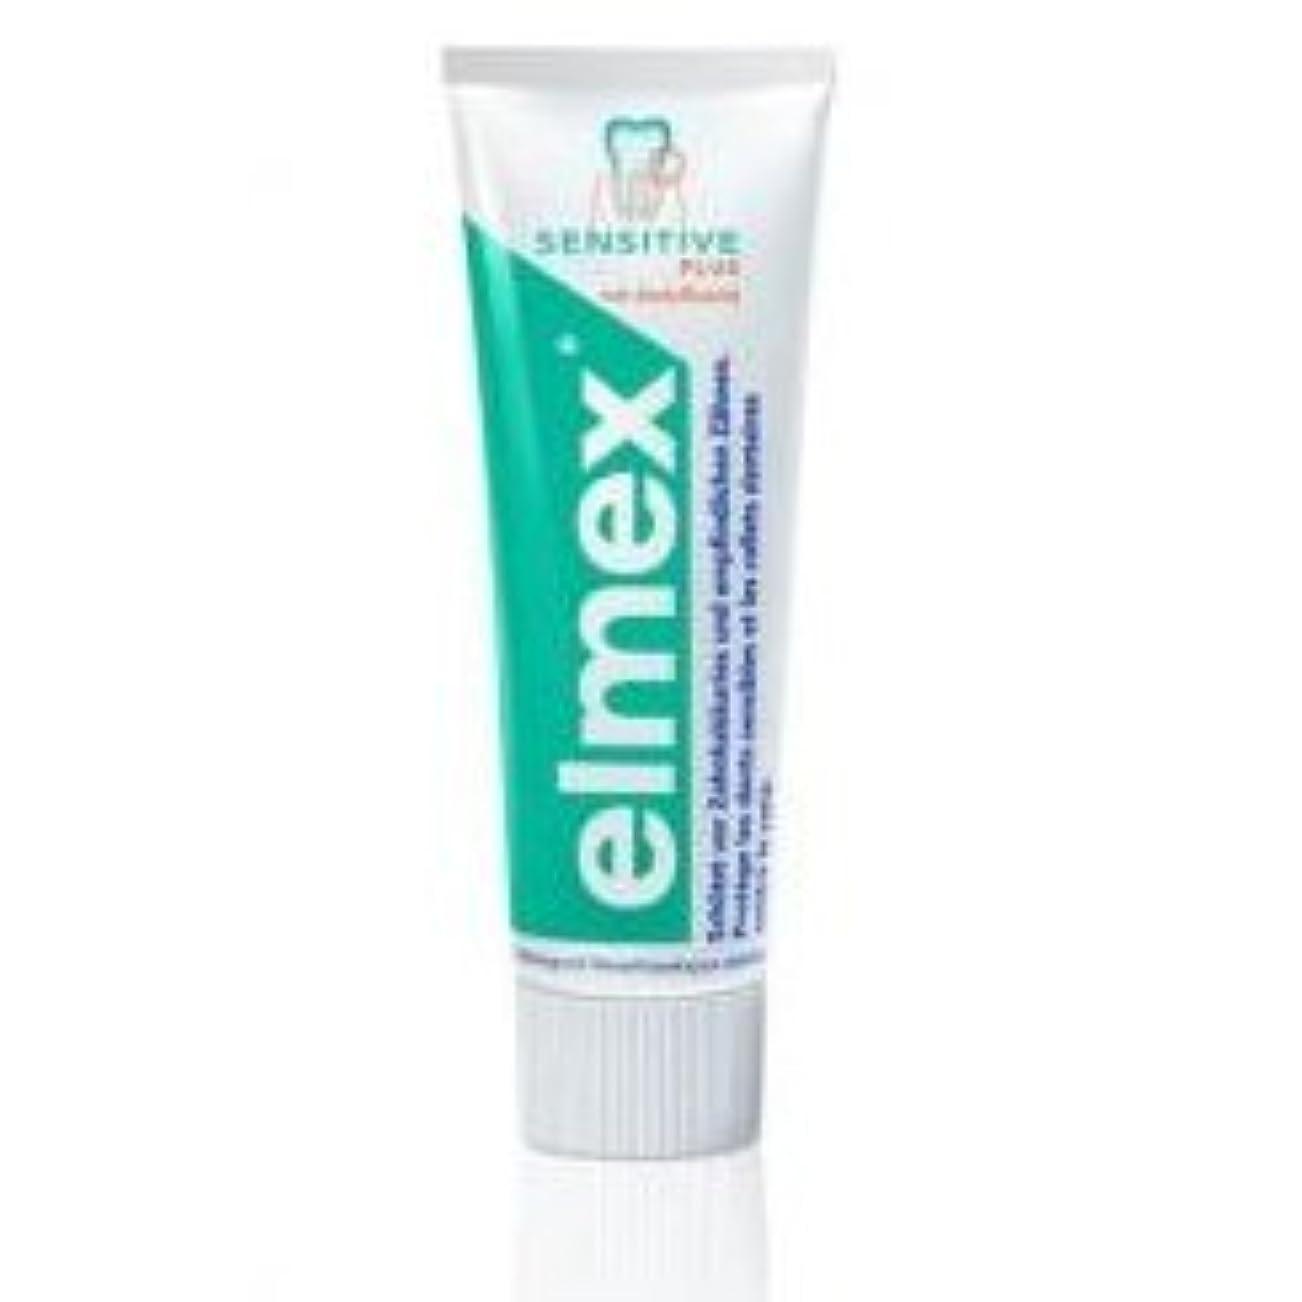 卒業トランペット不利エルメックス センシティブ 歯磨き粉 75ml (elmex sensitive toothpaste 75ml)【並行輸入品】